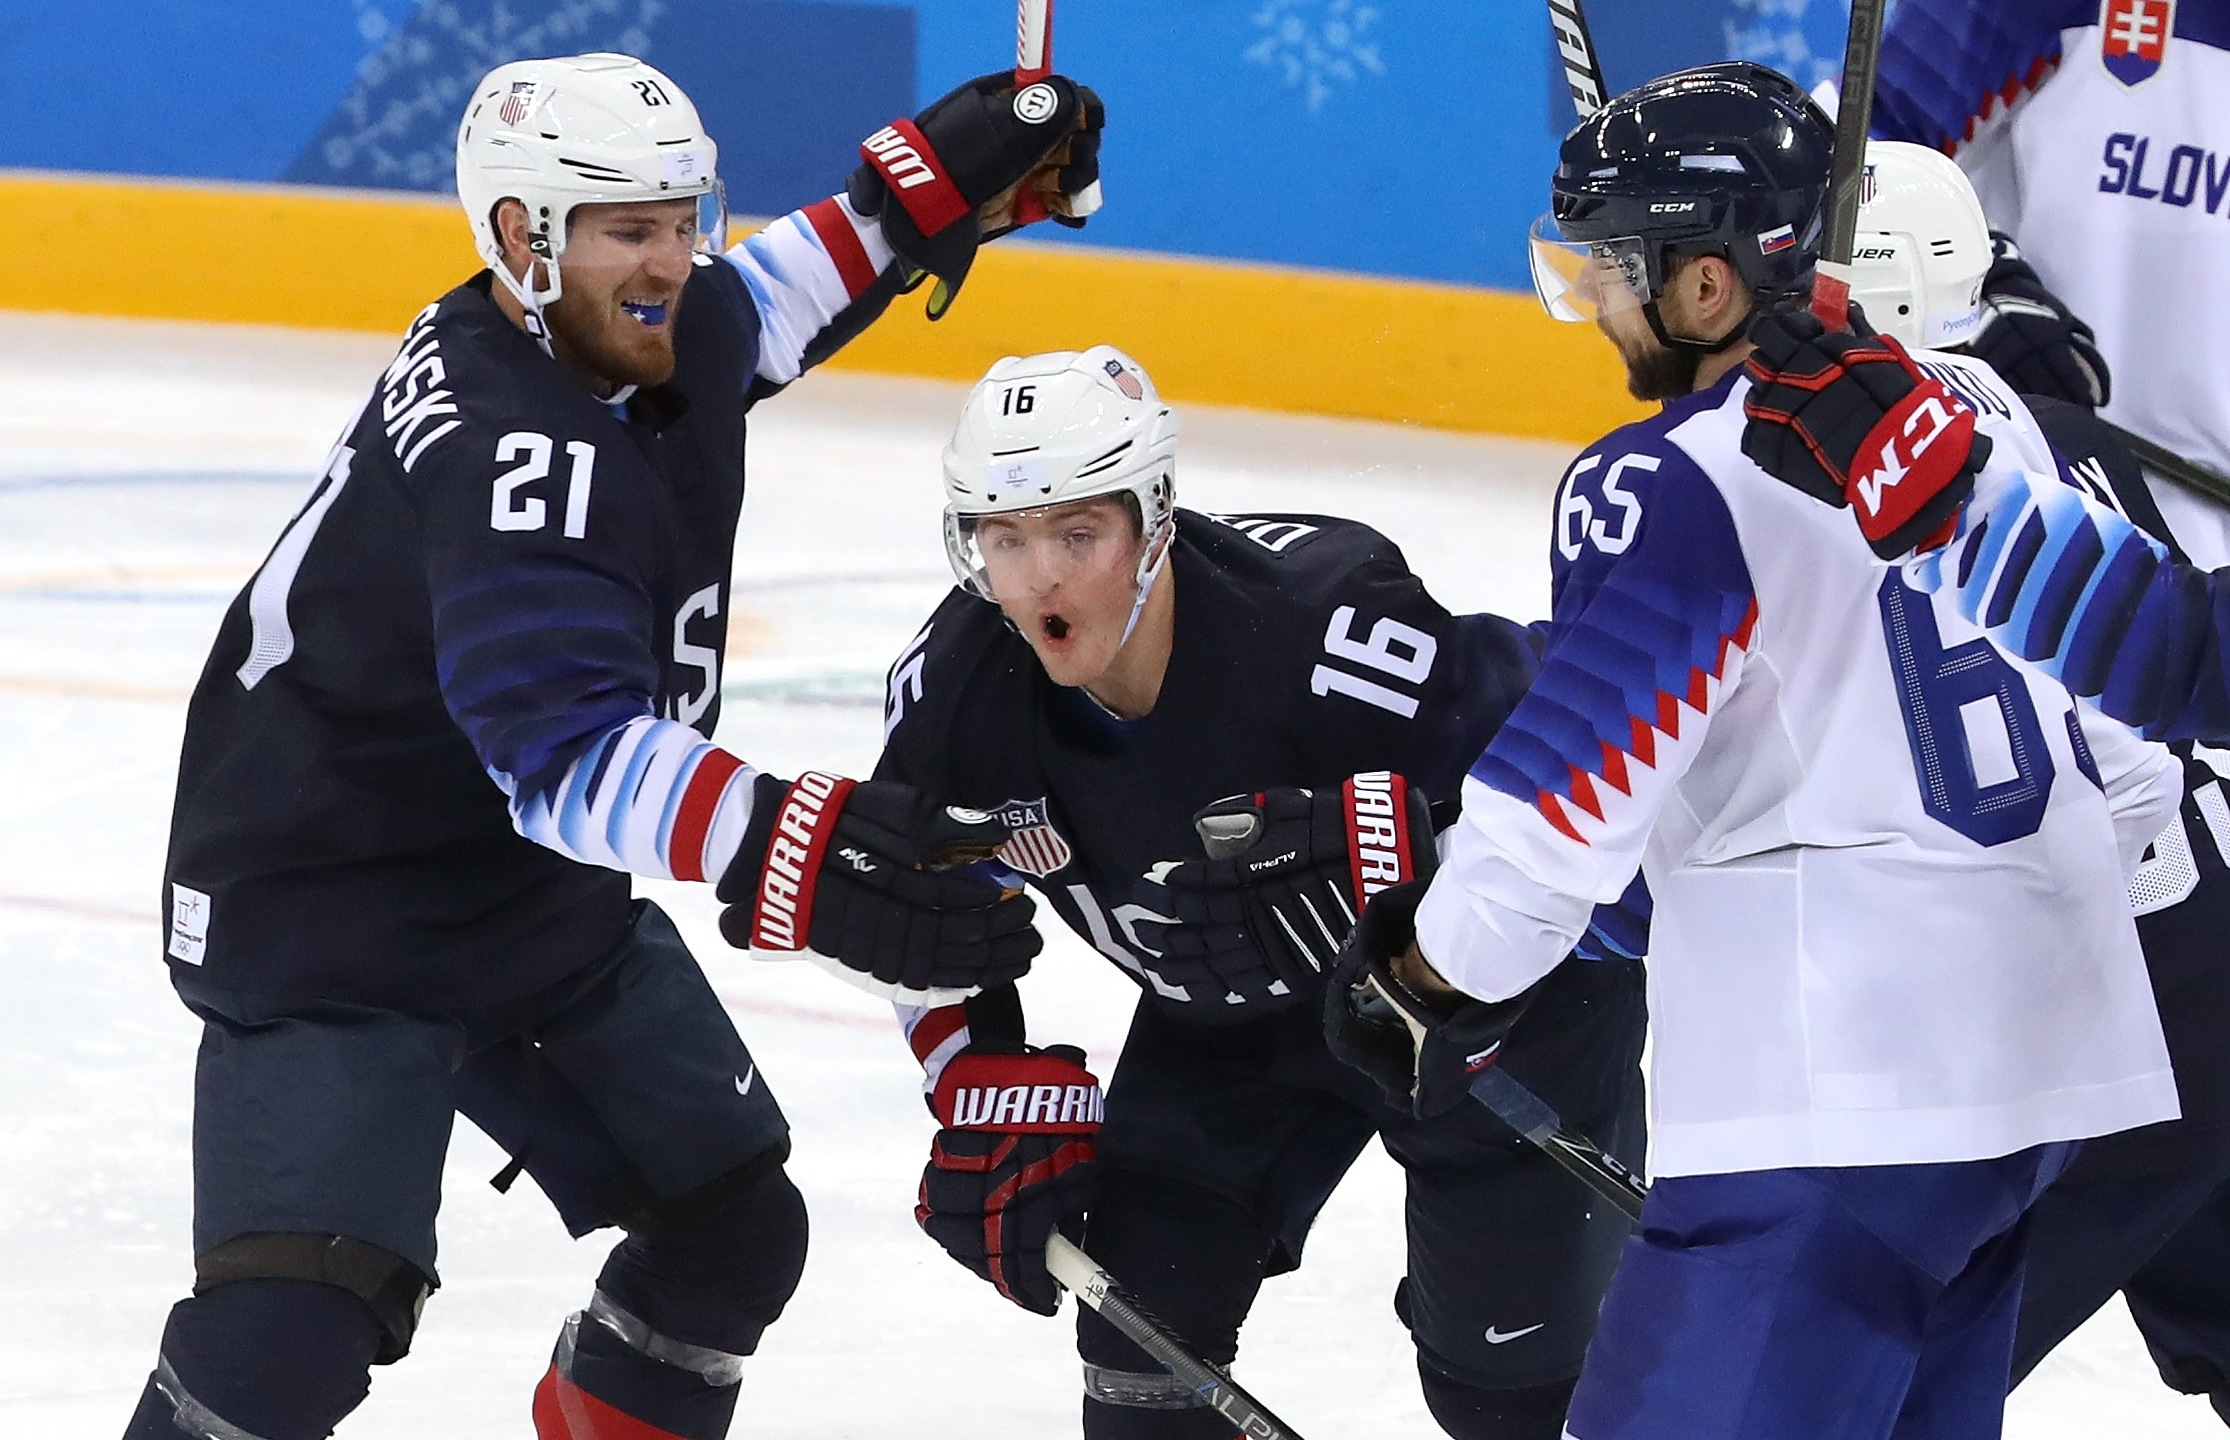 Ice Hockey – Winter Olympics Day 7_297561